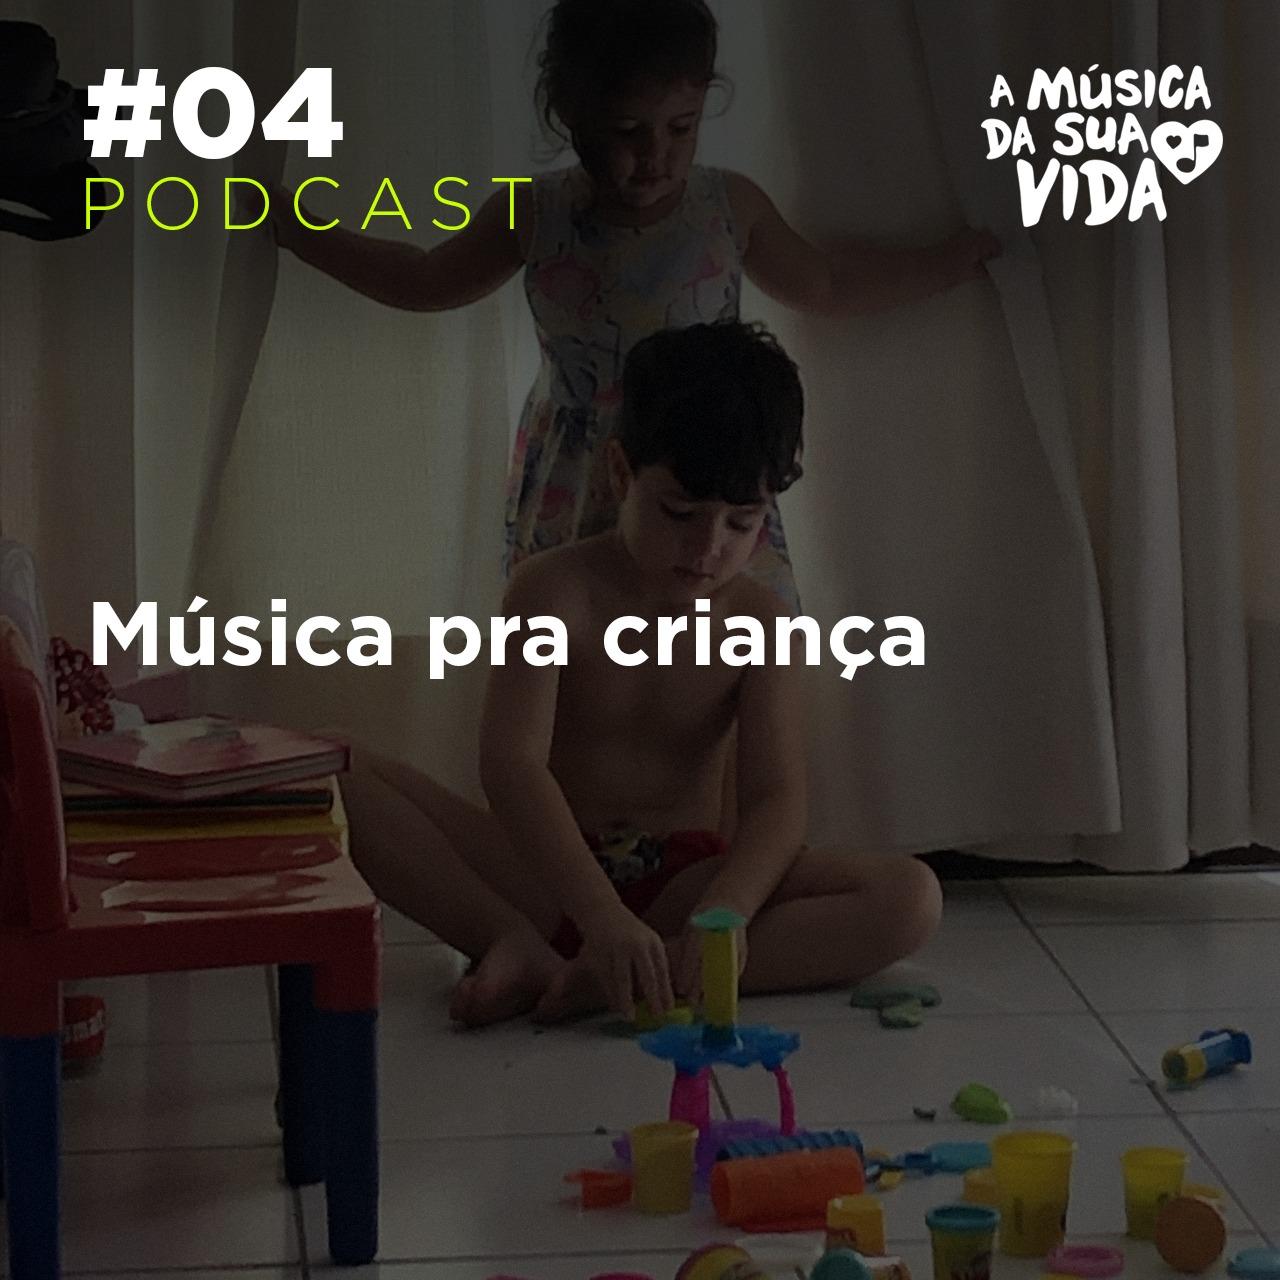 #04 - Música pra criança